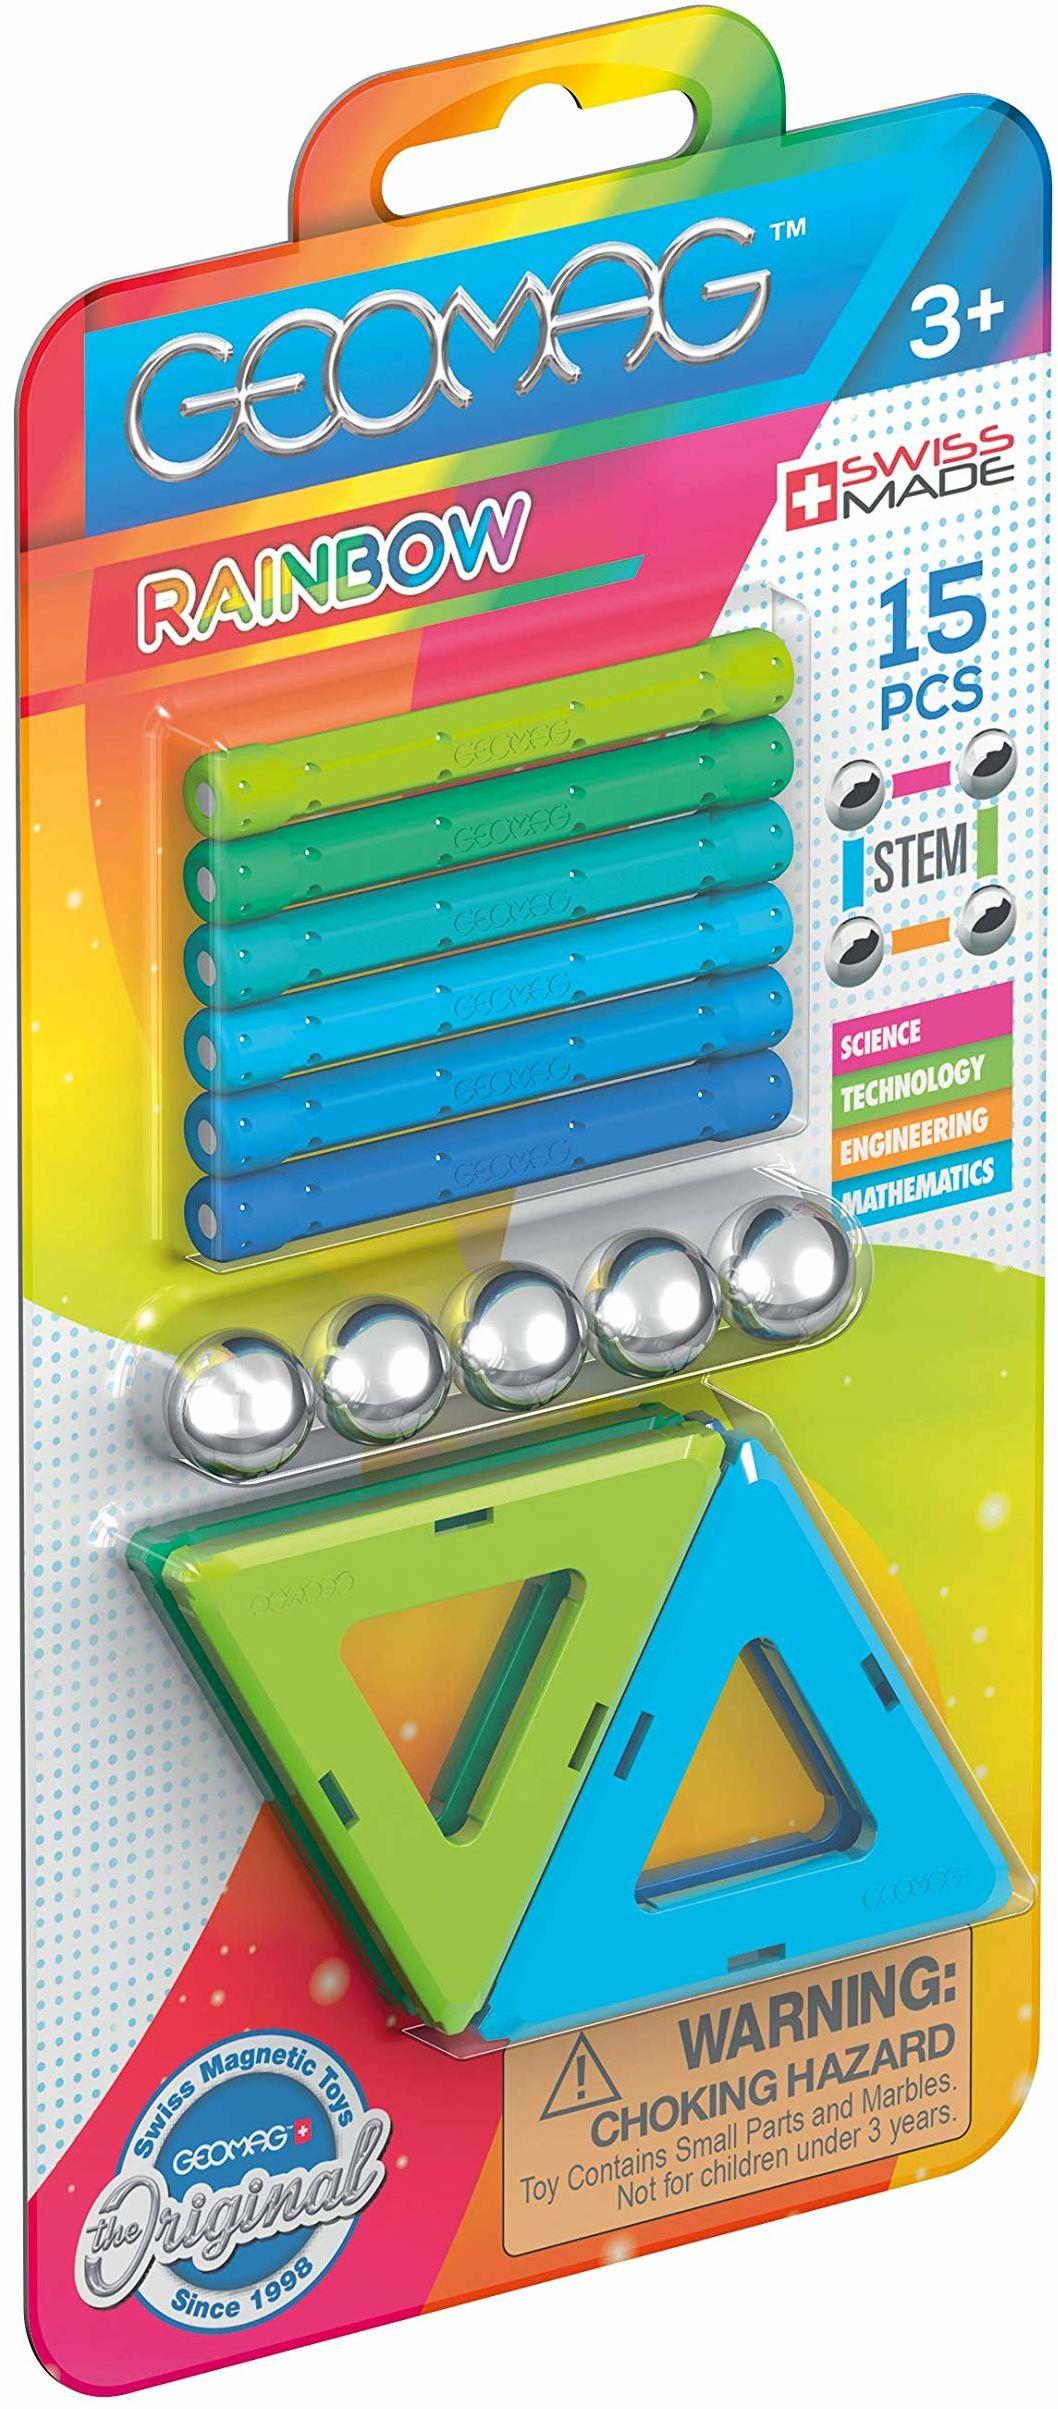 Geomag - Rainbow magnetyczna zabawka konstrukcyjna, wielokolorowa, 15 sztuk, 366